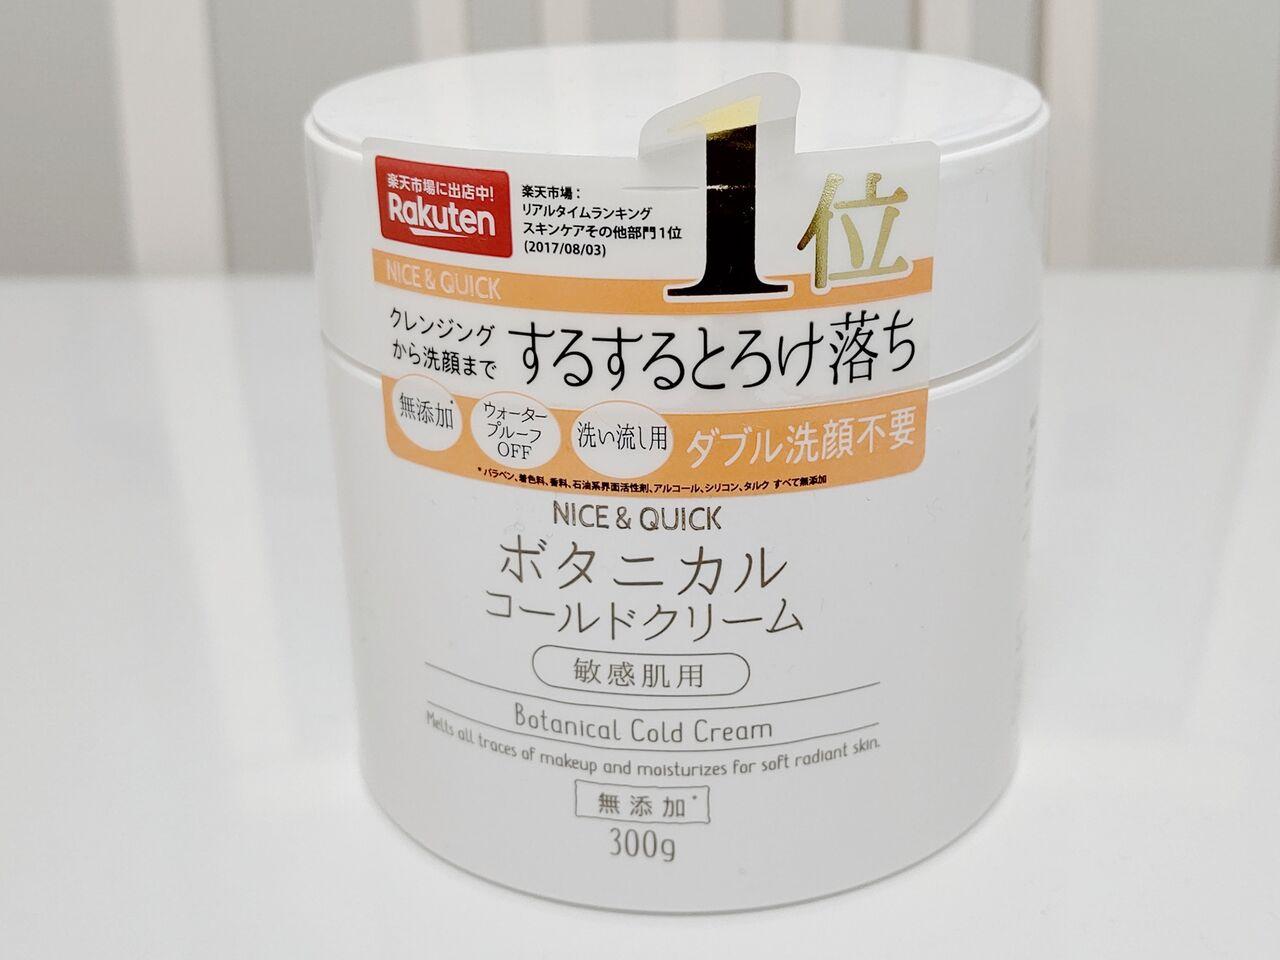 ボタニカル コールド クリーム